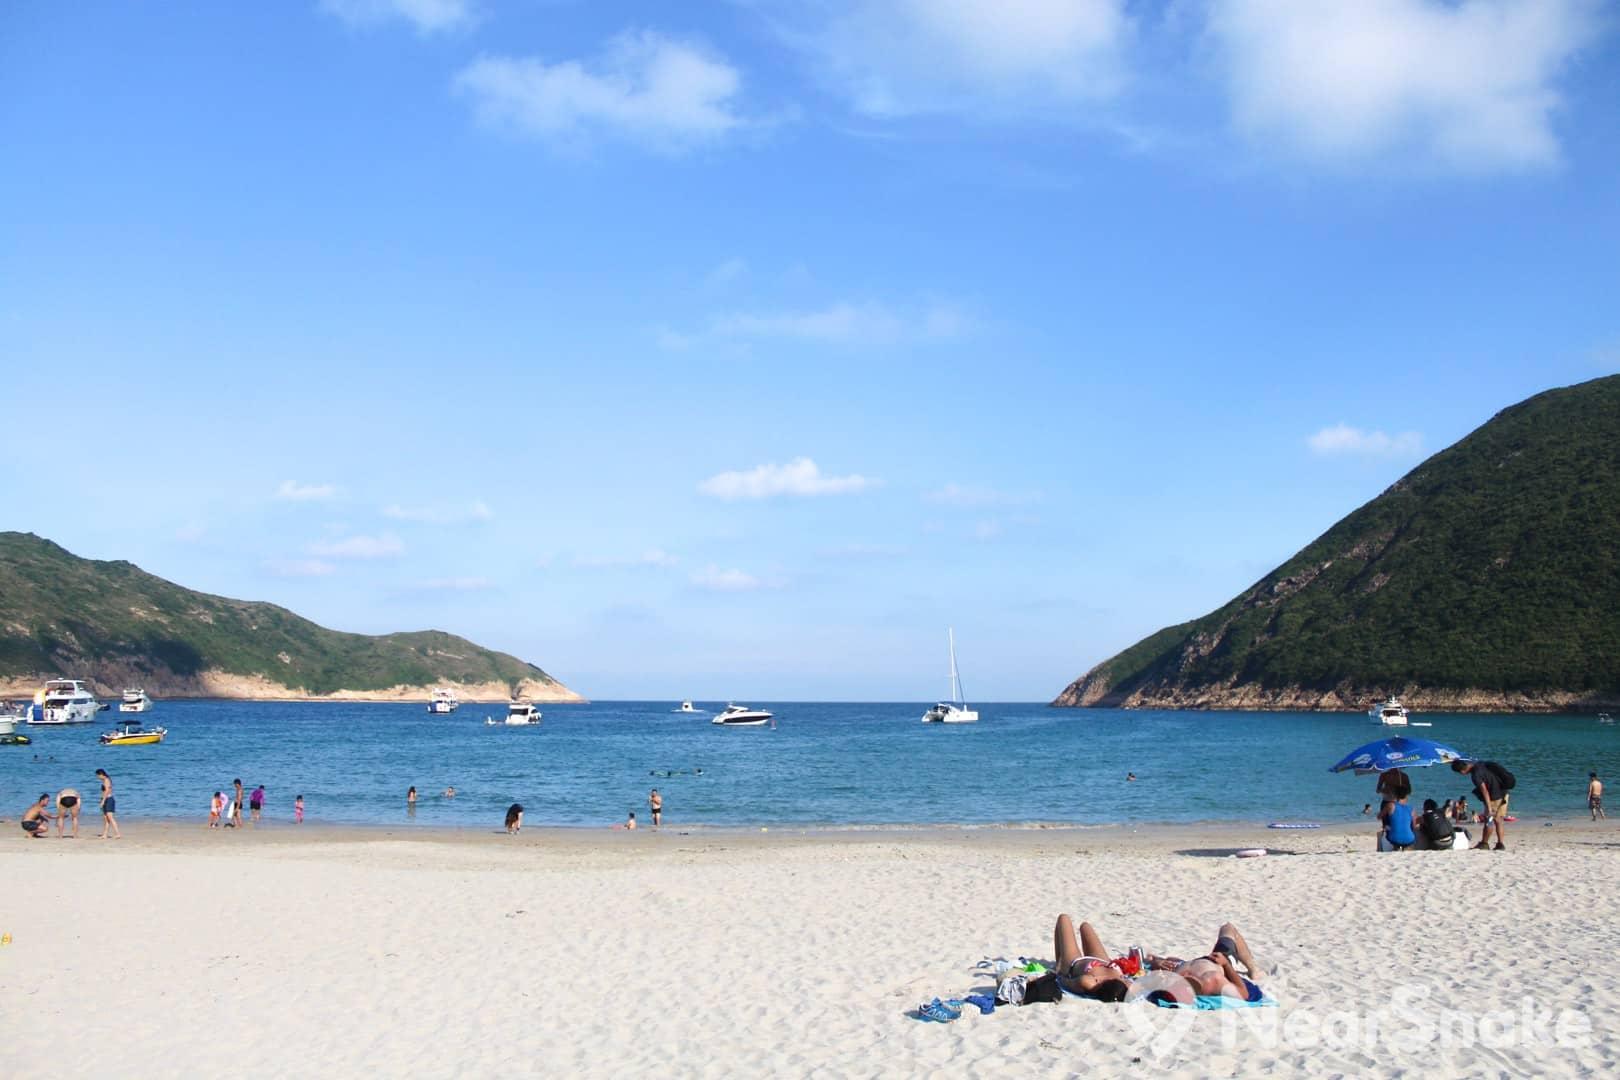 在浪茄灣靜聽海浪聲,豔陽下睡個午覺,懶洋洋又過一天。